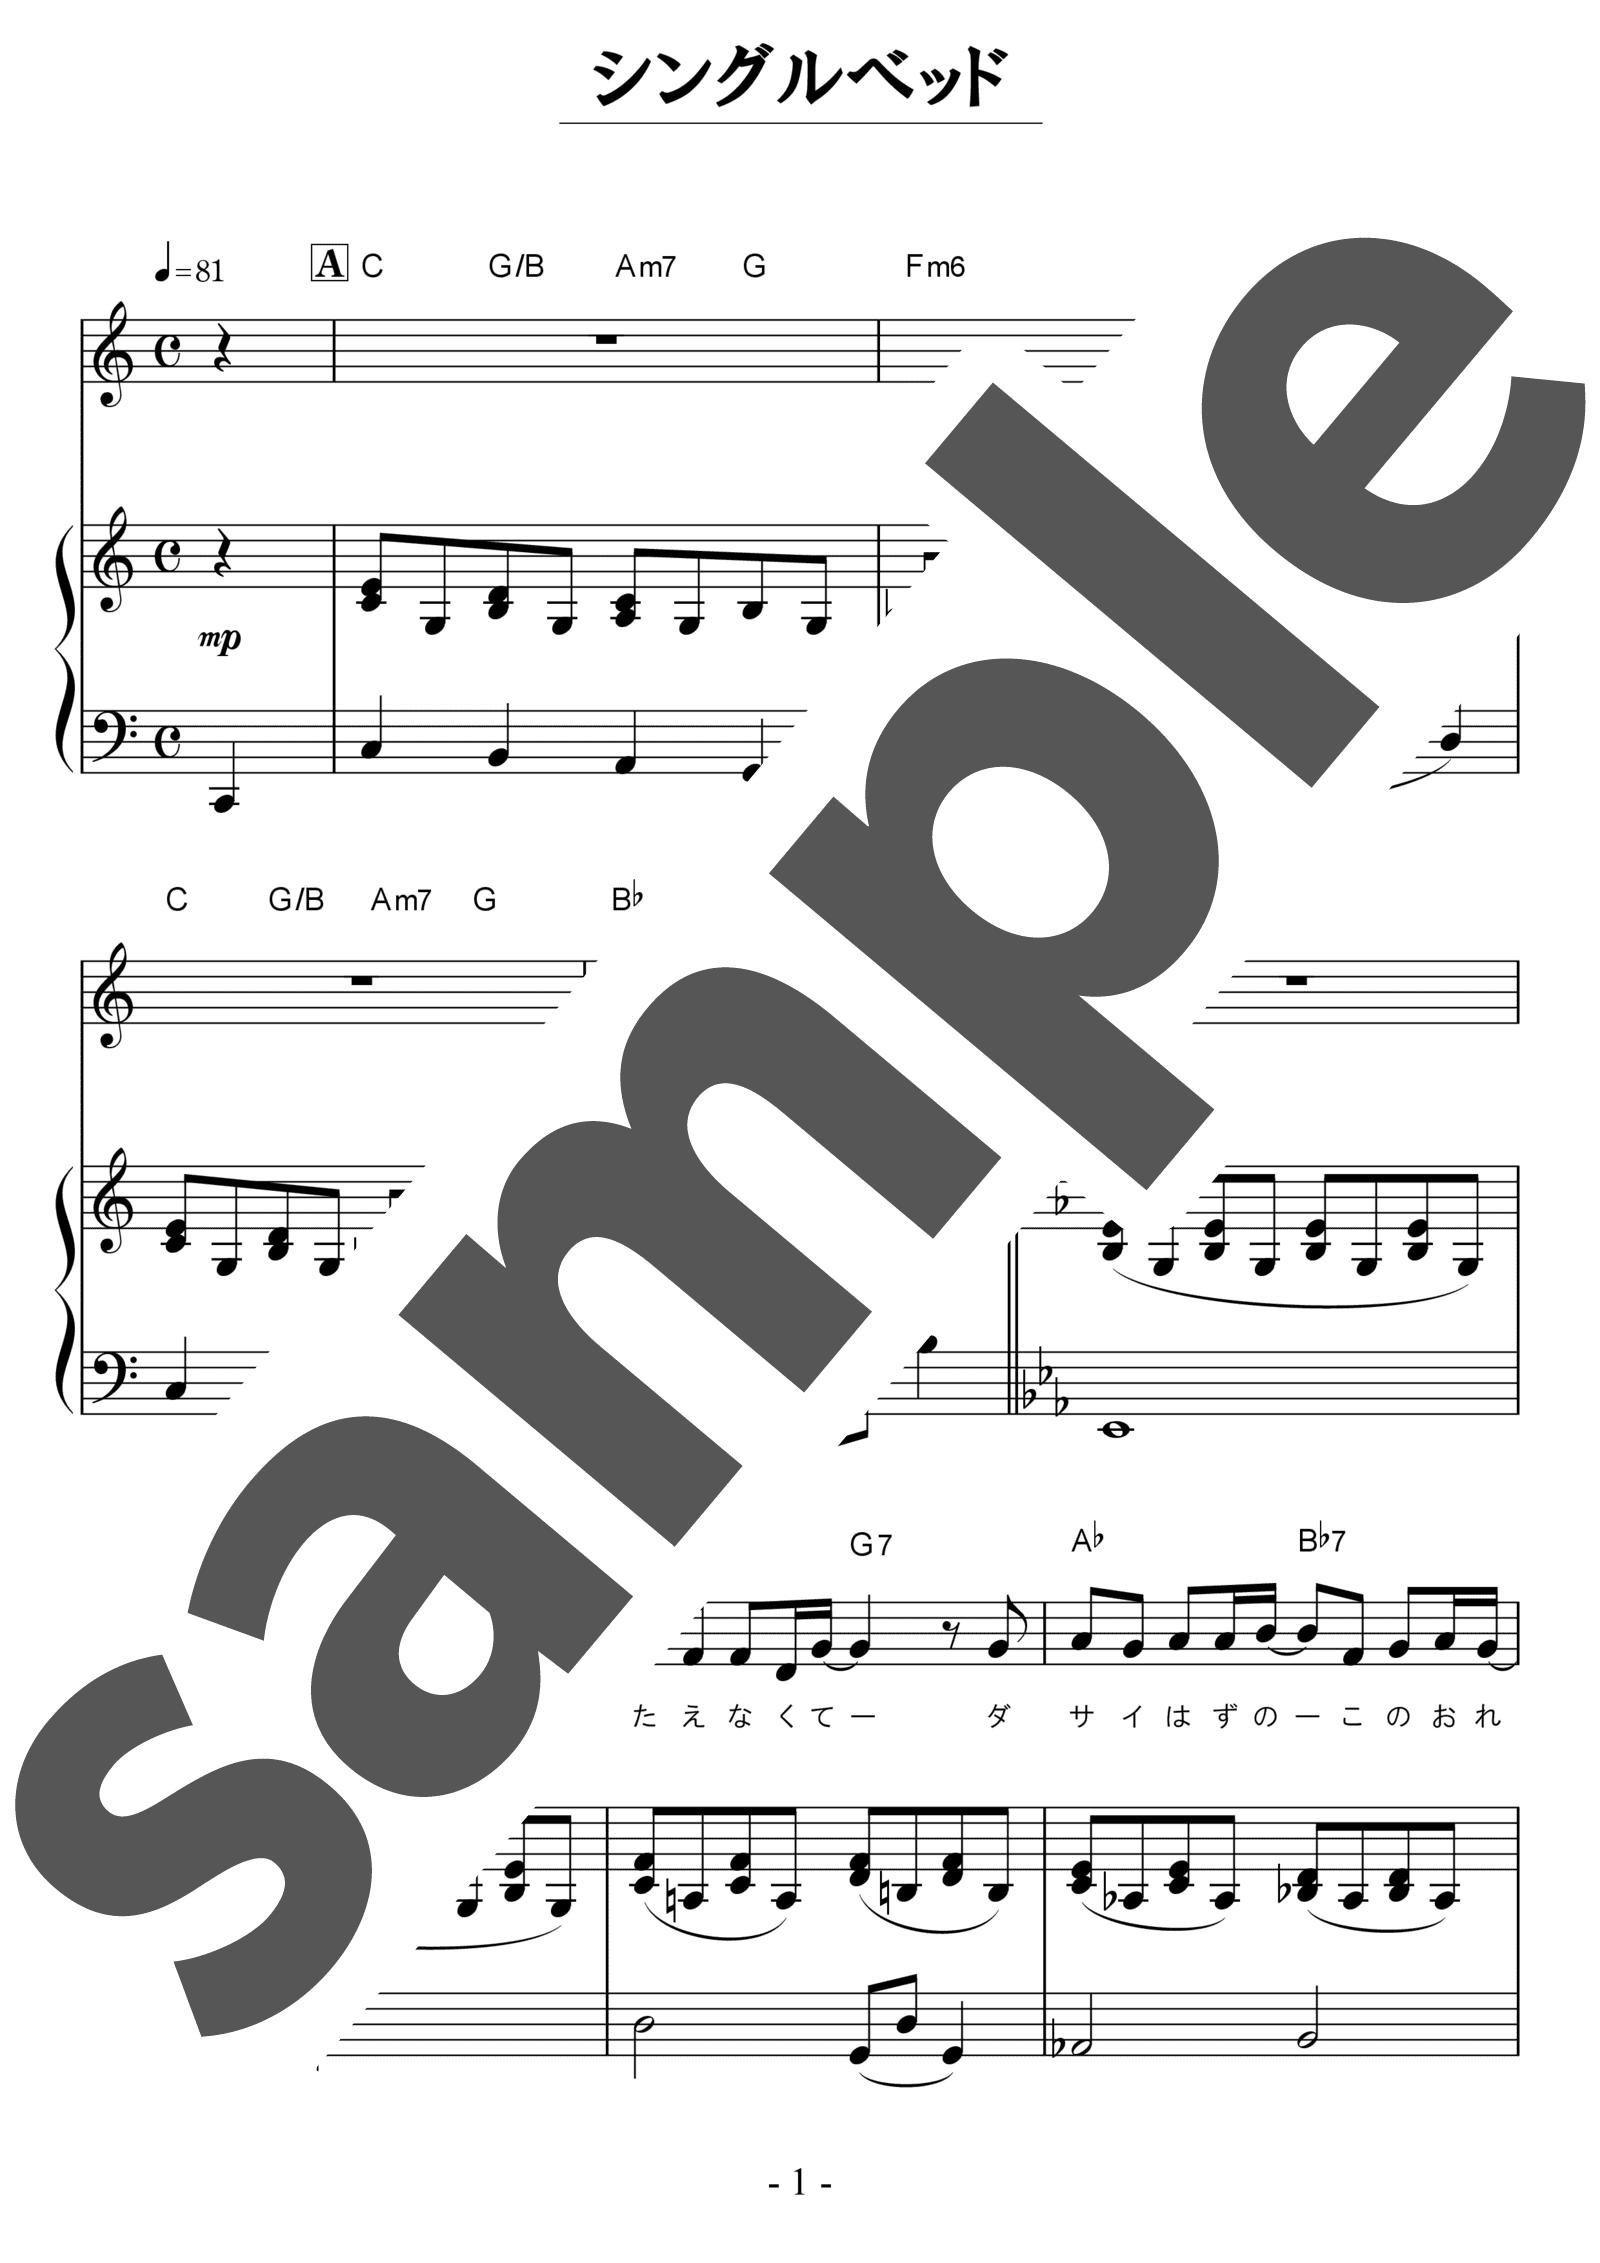 「シングルベッド」のサンプル楽譜